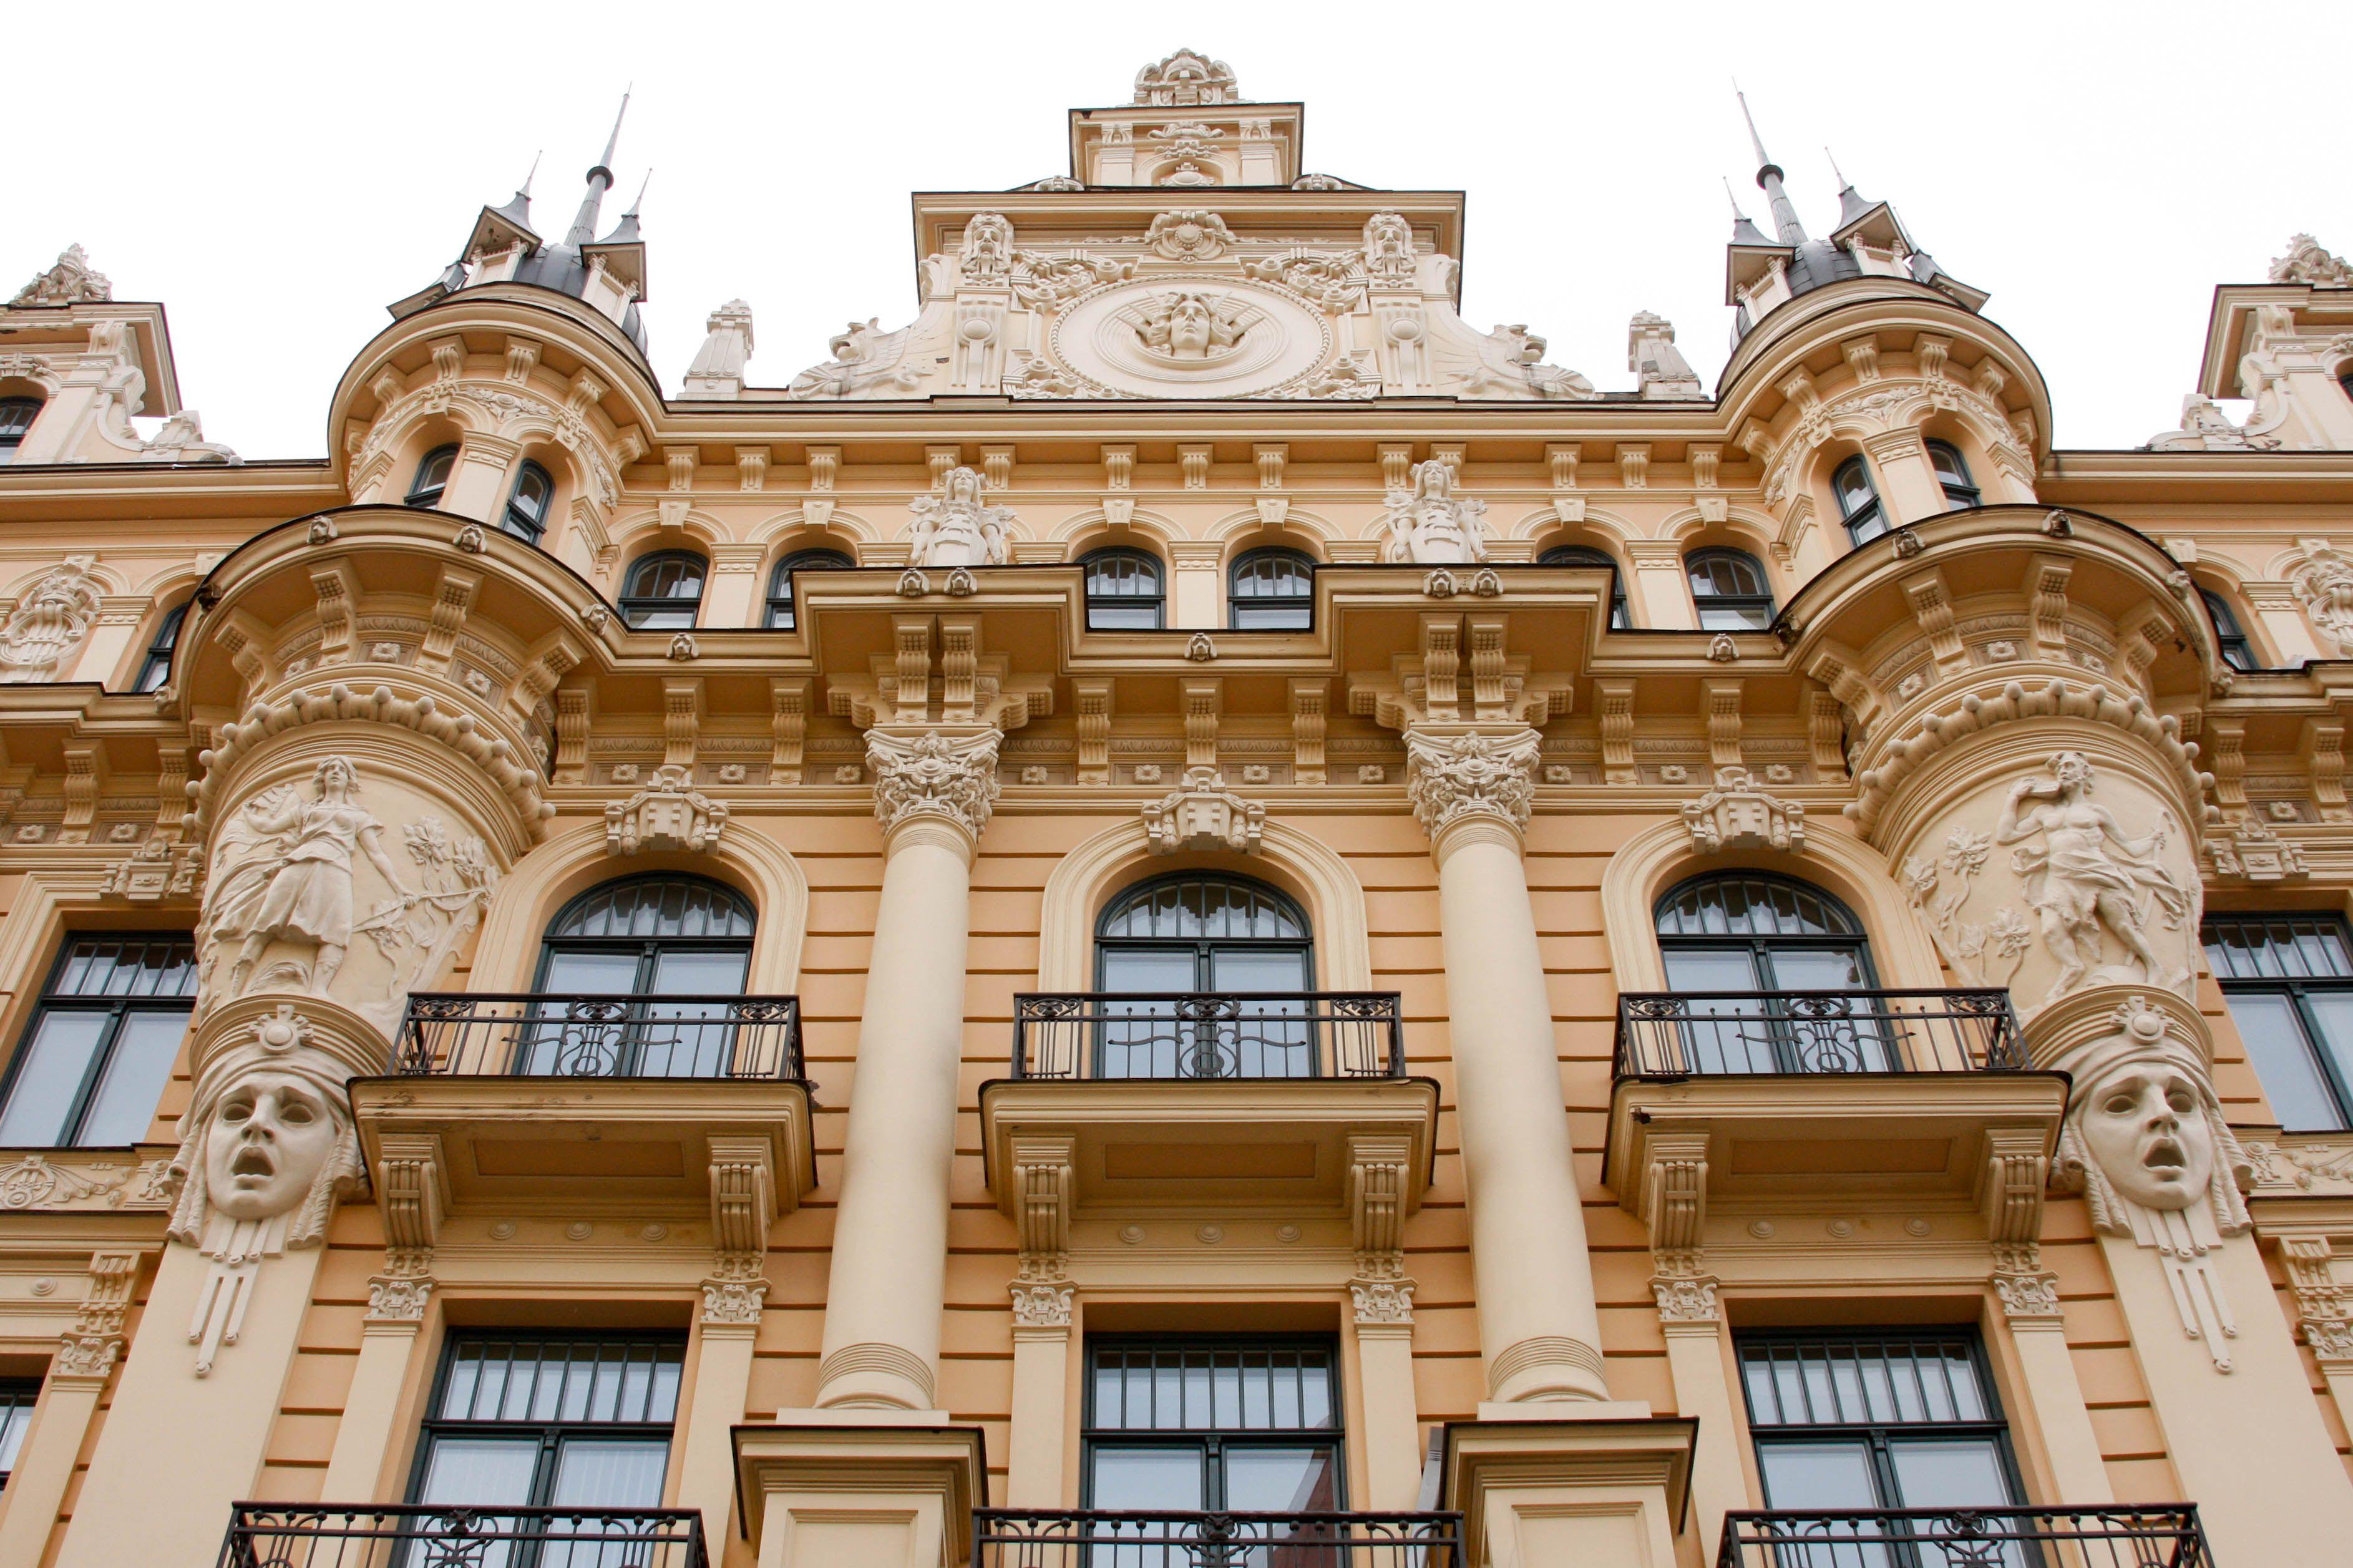 Best Kitchen Gallery: Art Nouveau Architecture Pinterest Art Nouveau Architecture of Art Nouveau Architecture on rachelxblog.com